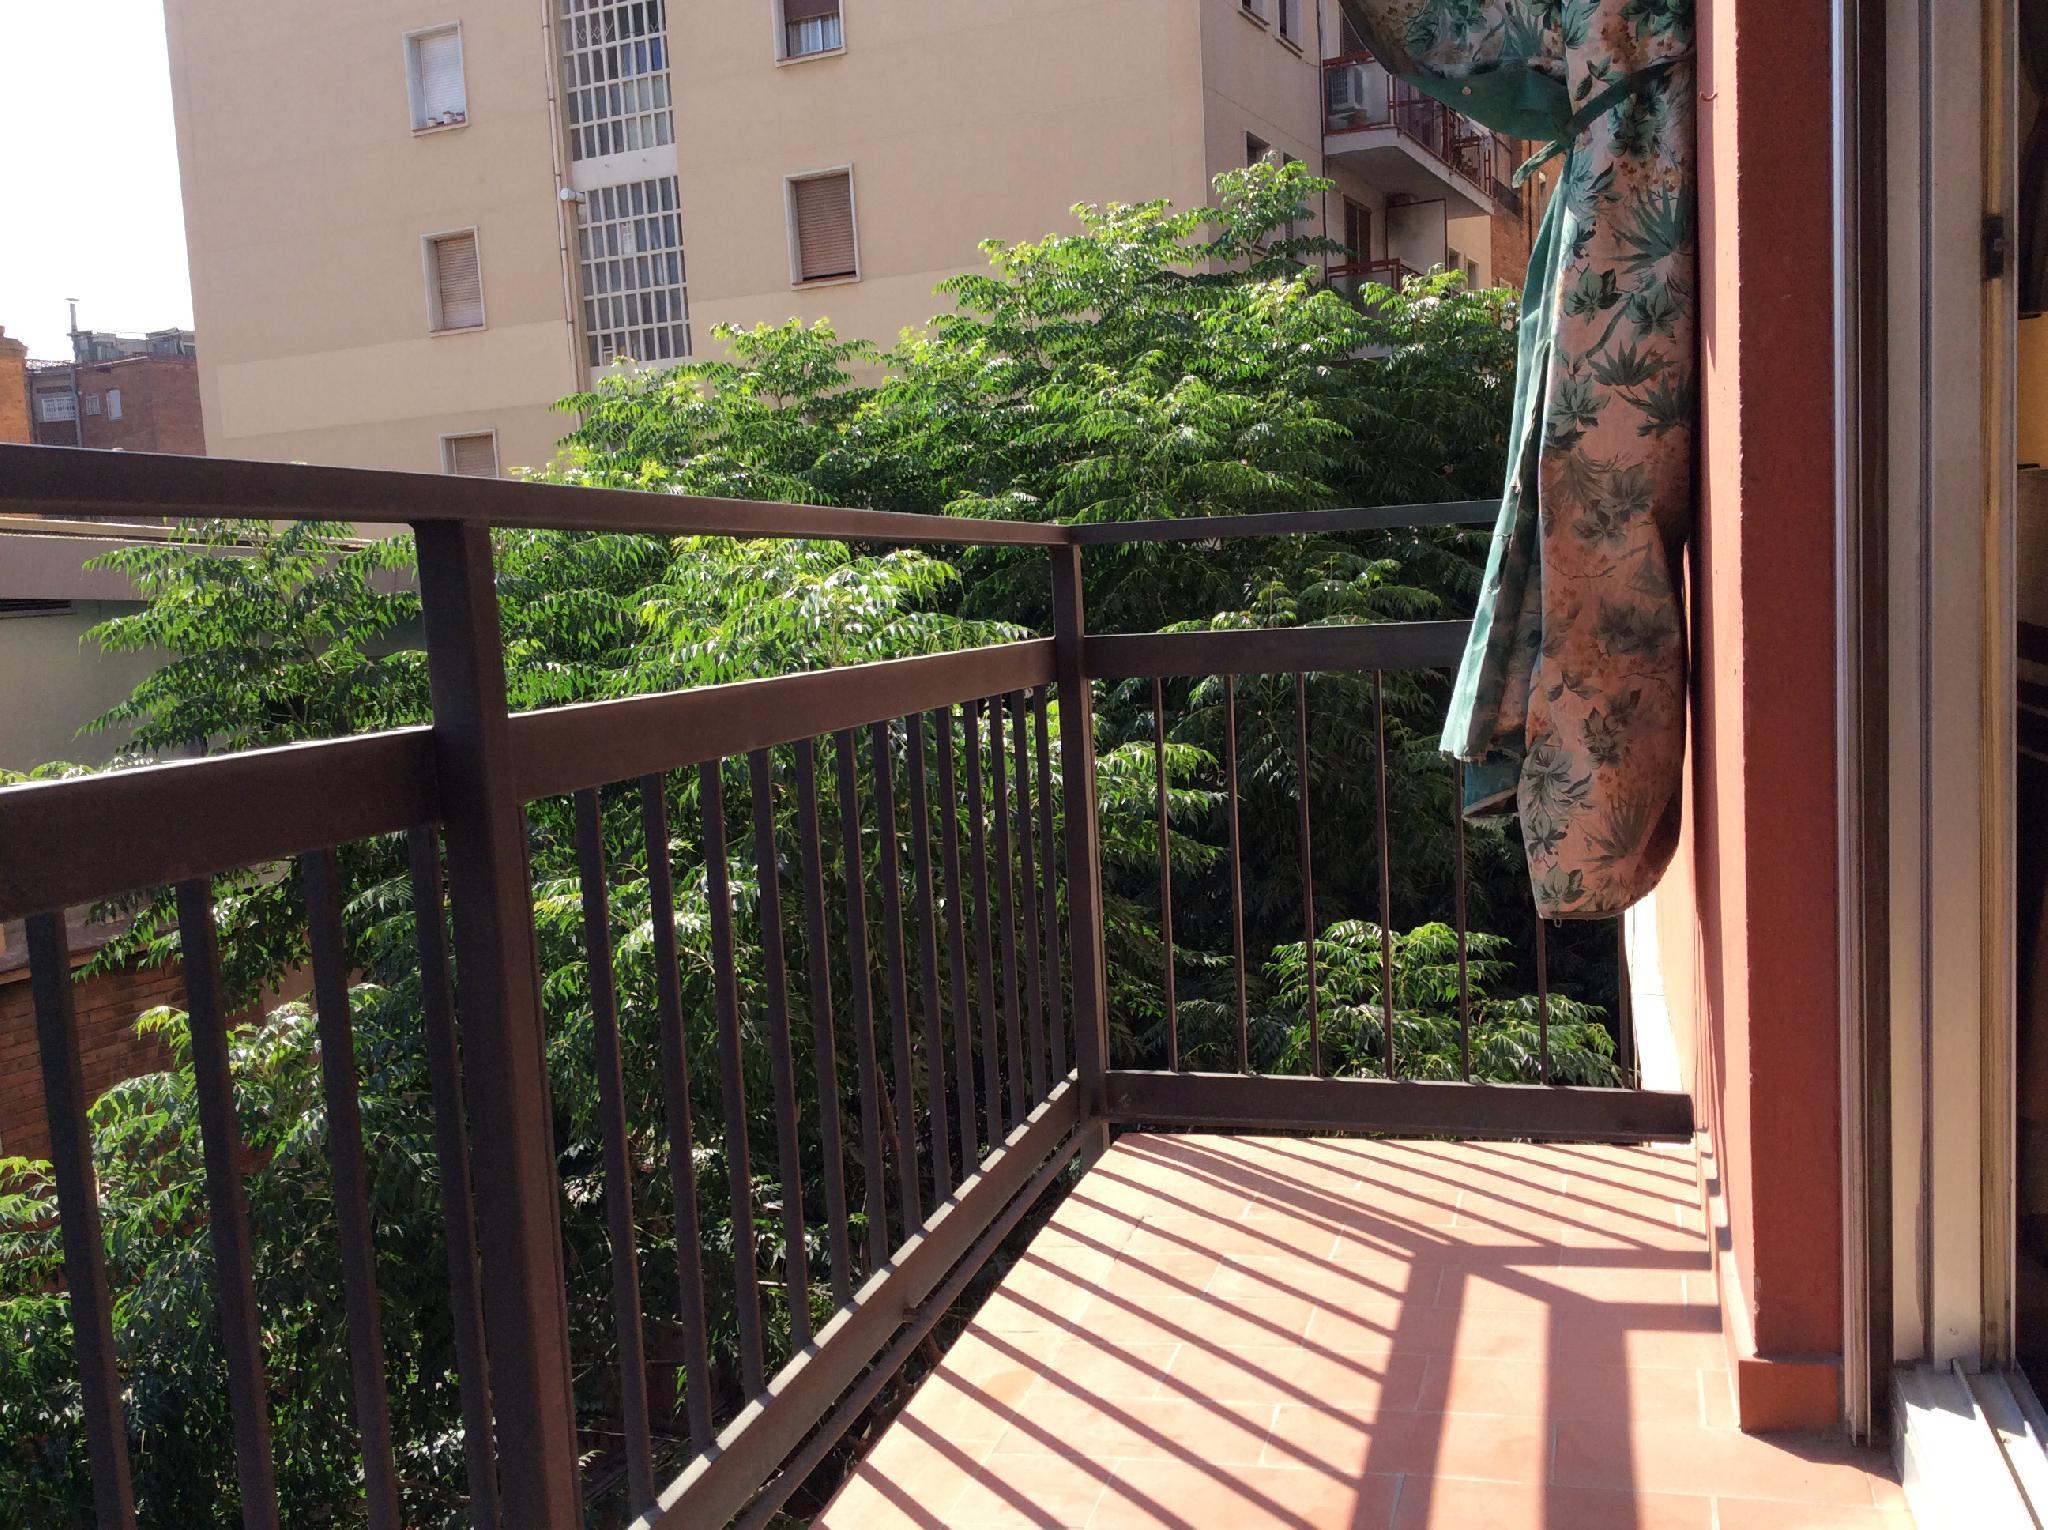 petit-appartement-de-vente-a-bartomeu-pi-la-campana-la-bordeta-a-barcelona-205670827